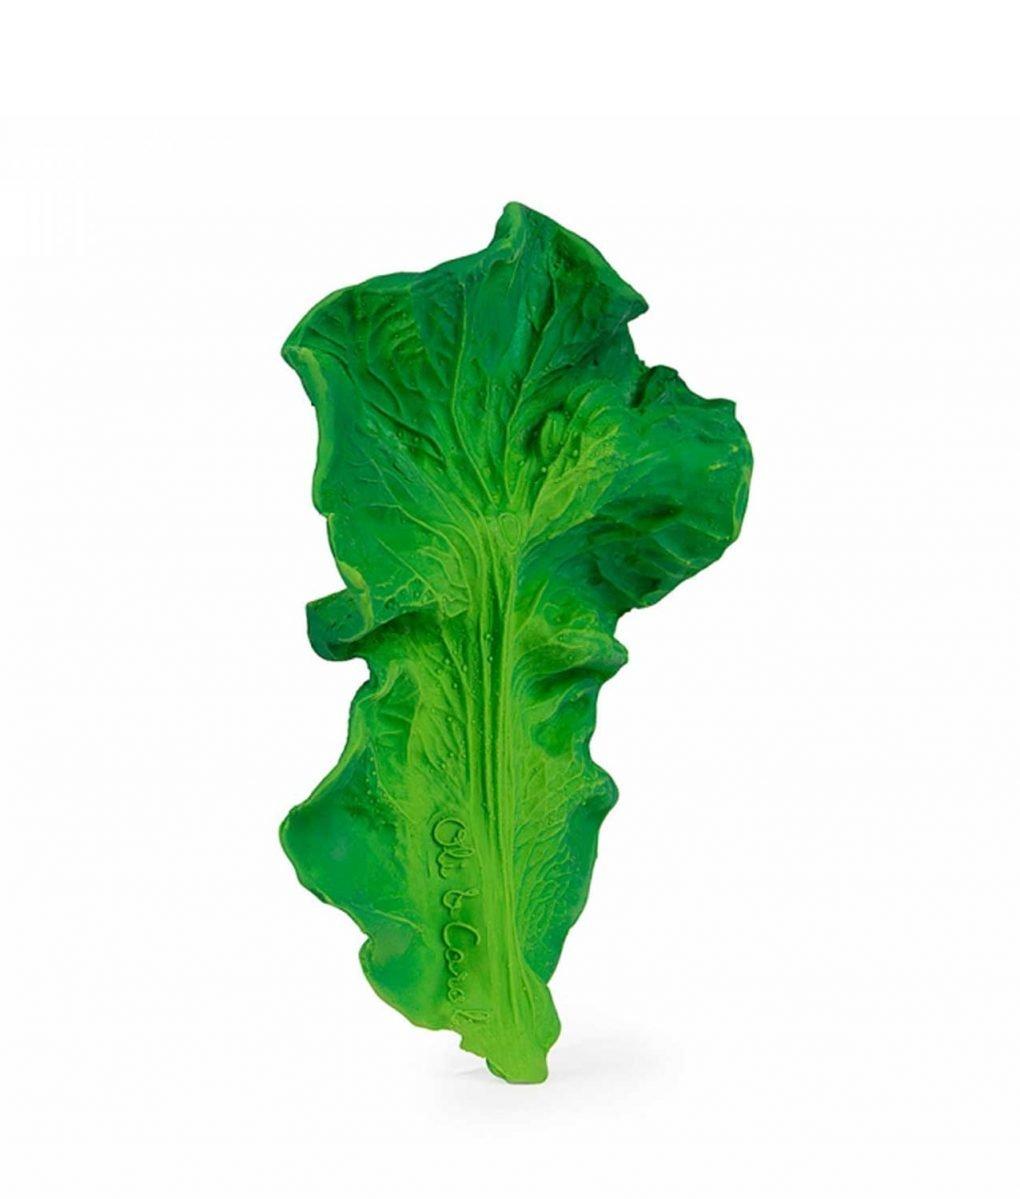 Mordedor Kale